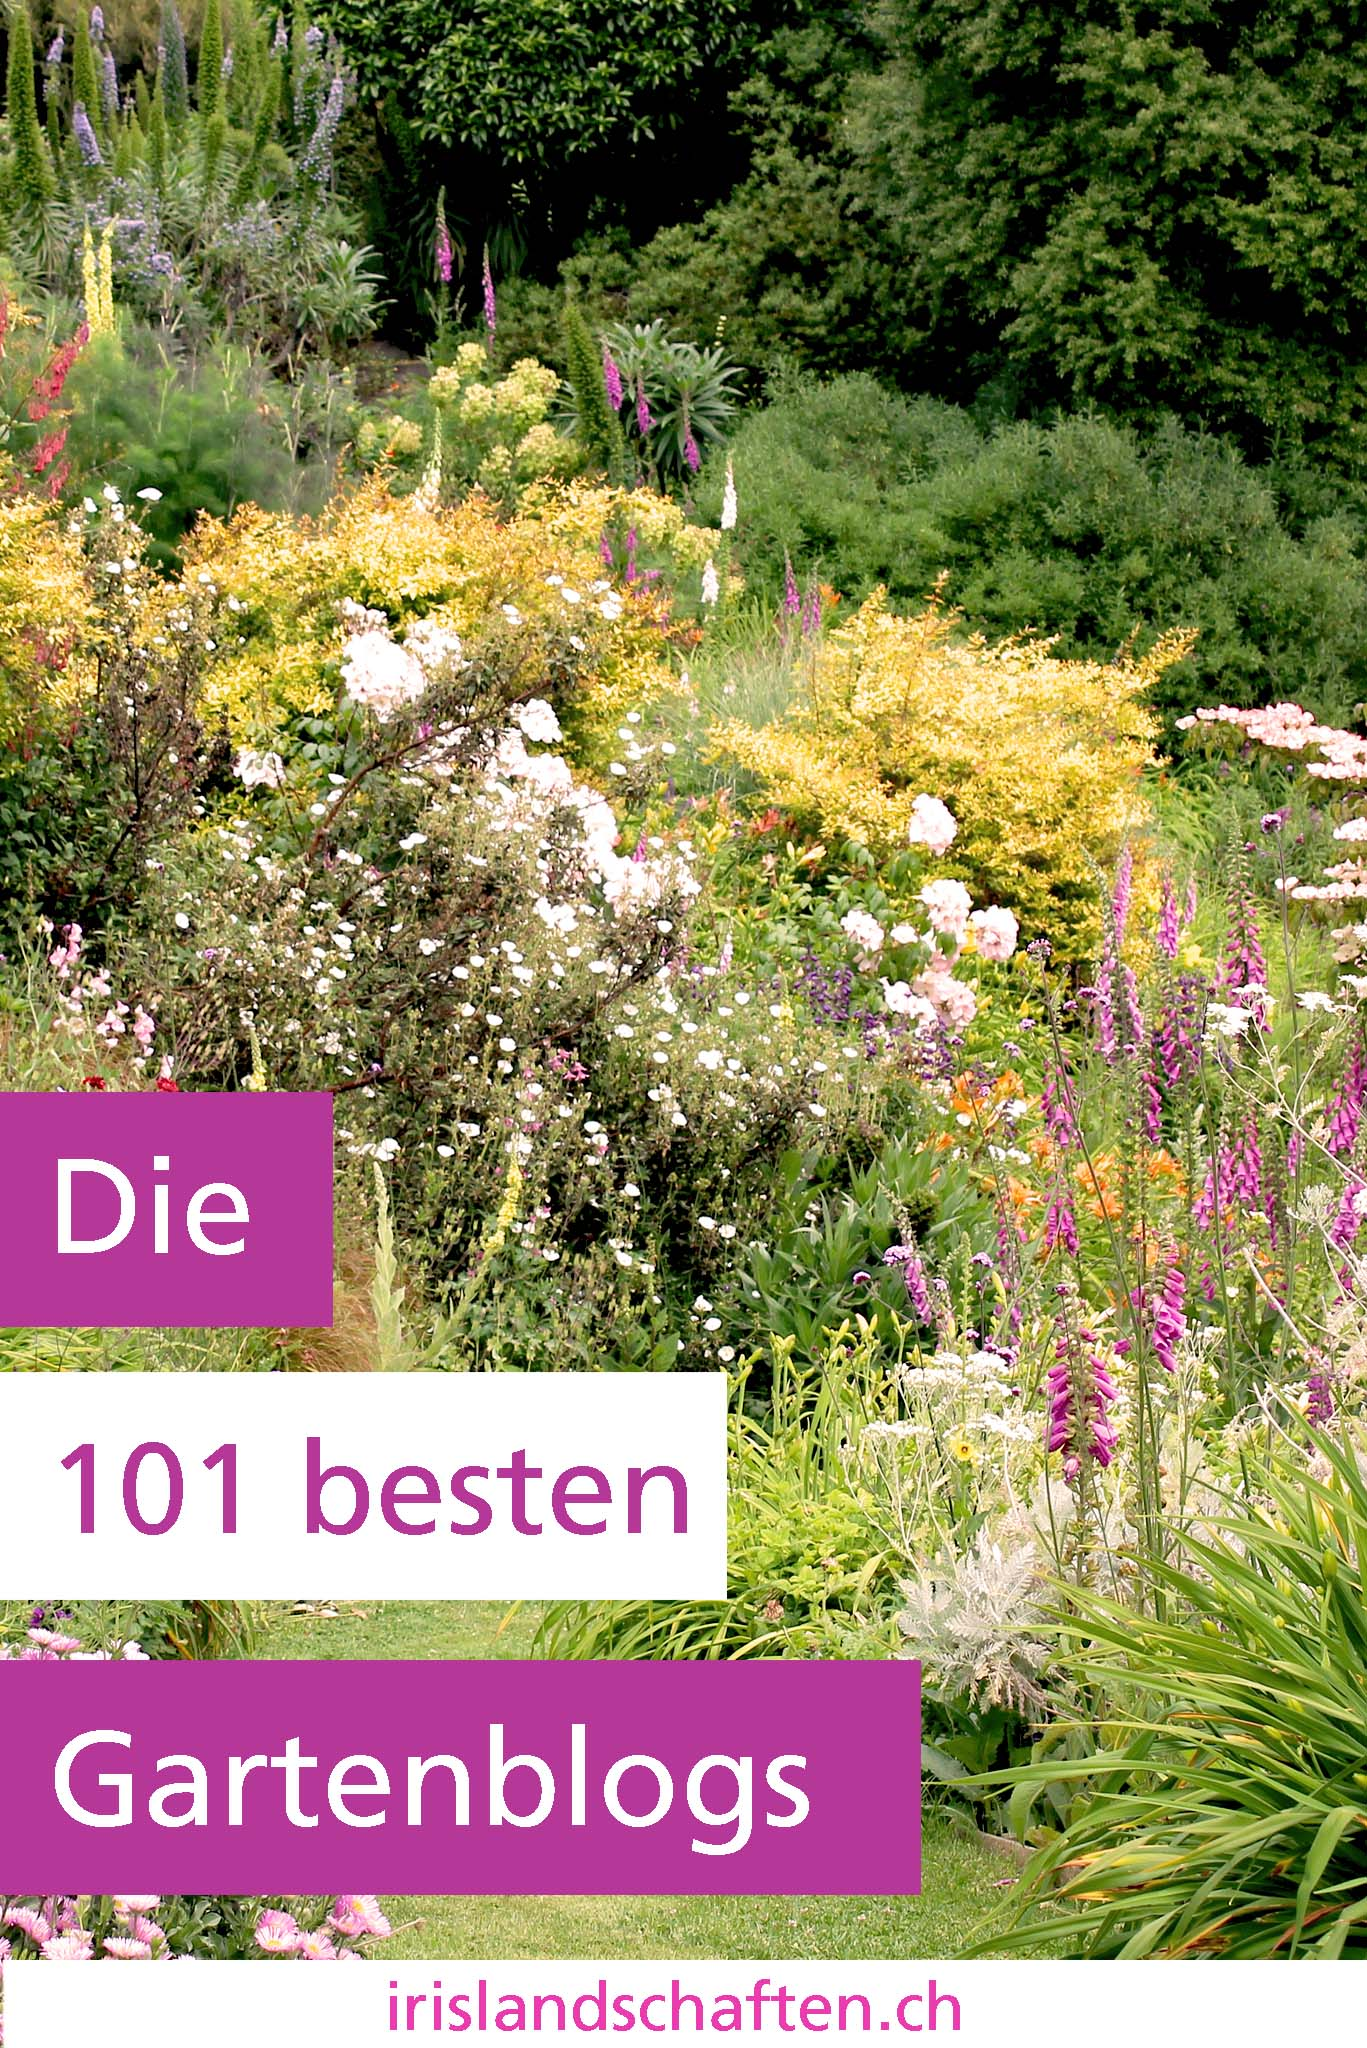 Gartenblog 2018 Gartengestaltung